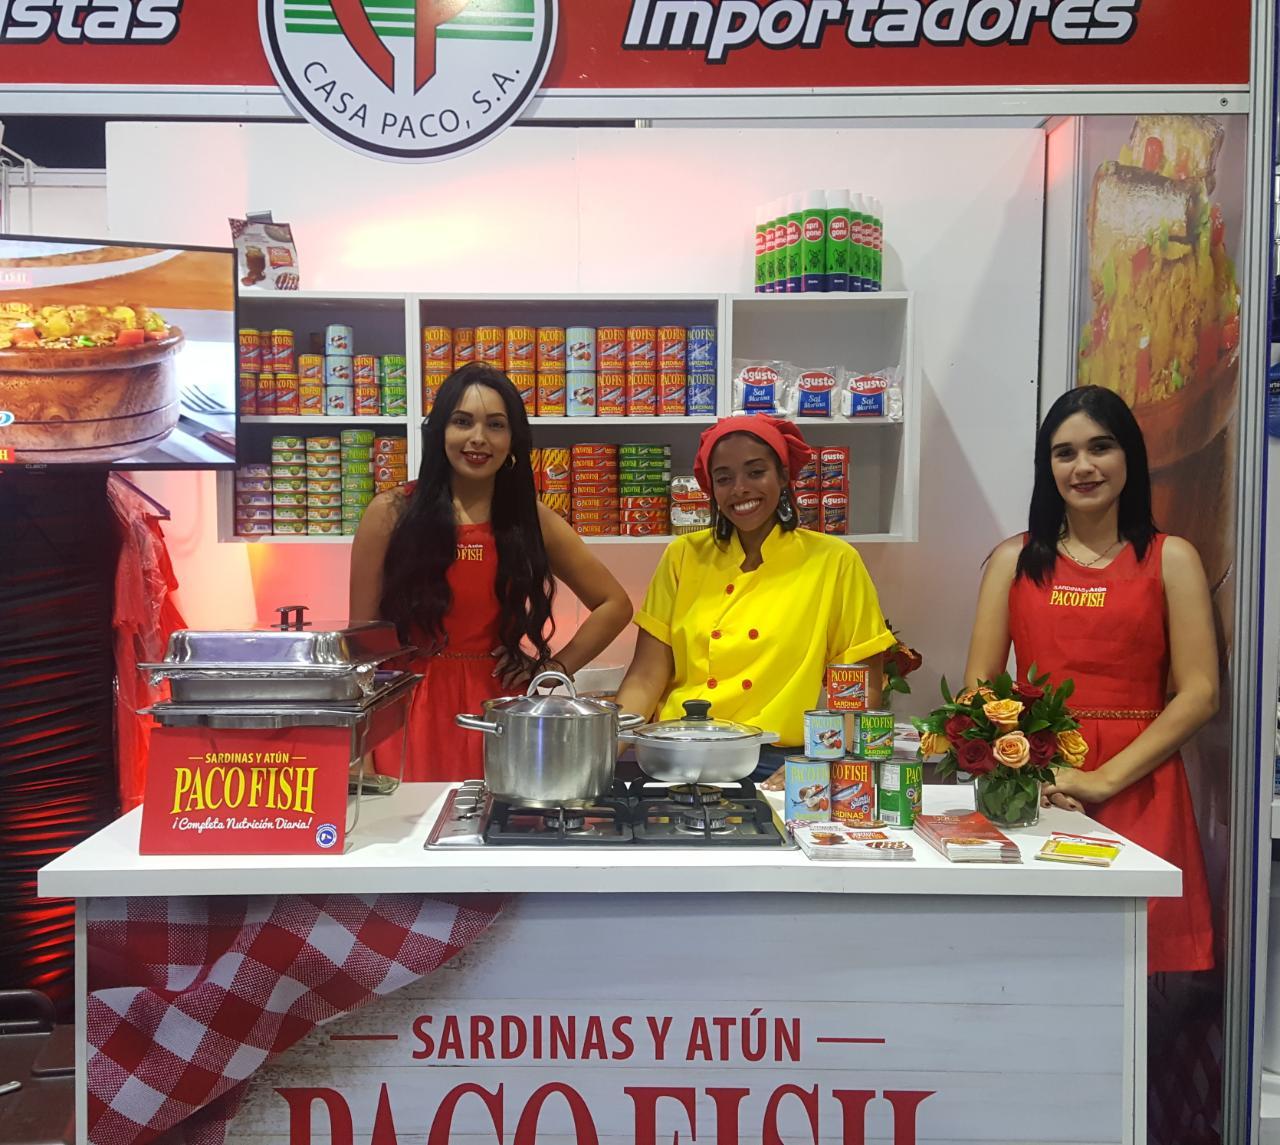 Casa Paco, S.A apoyando el Consejo Nacional de Comercio de Provisiones (CNCP) en la Expo Feria de Provisiones 2019